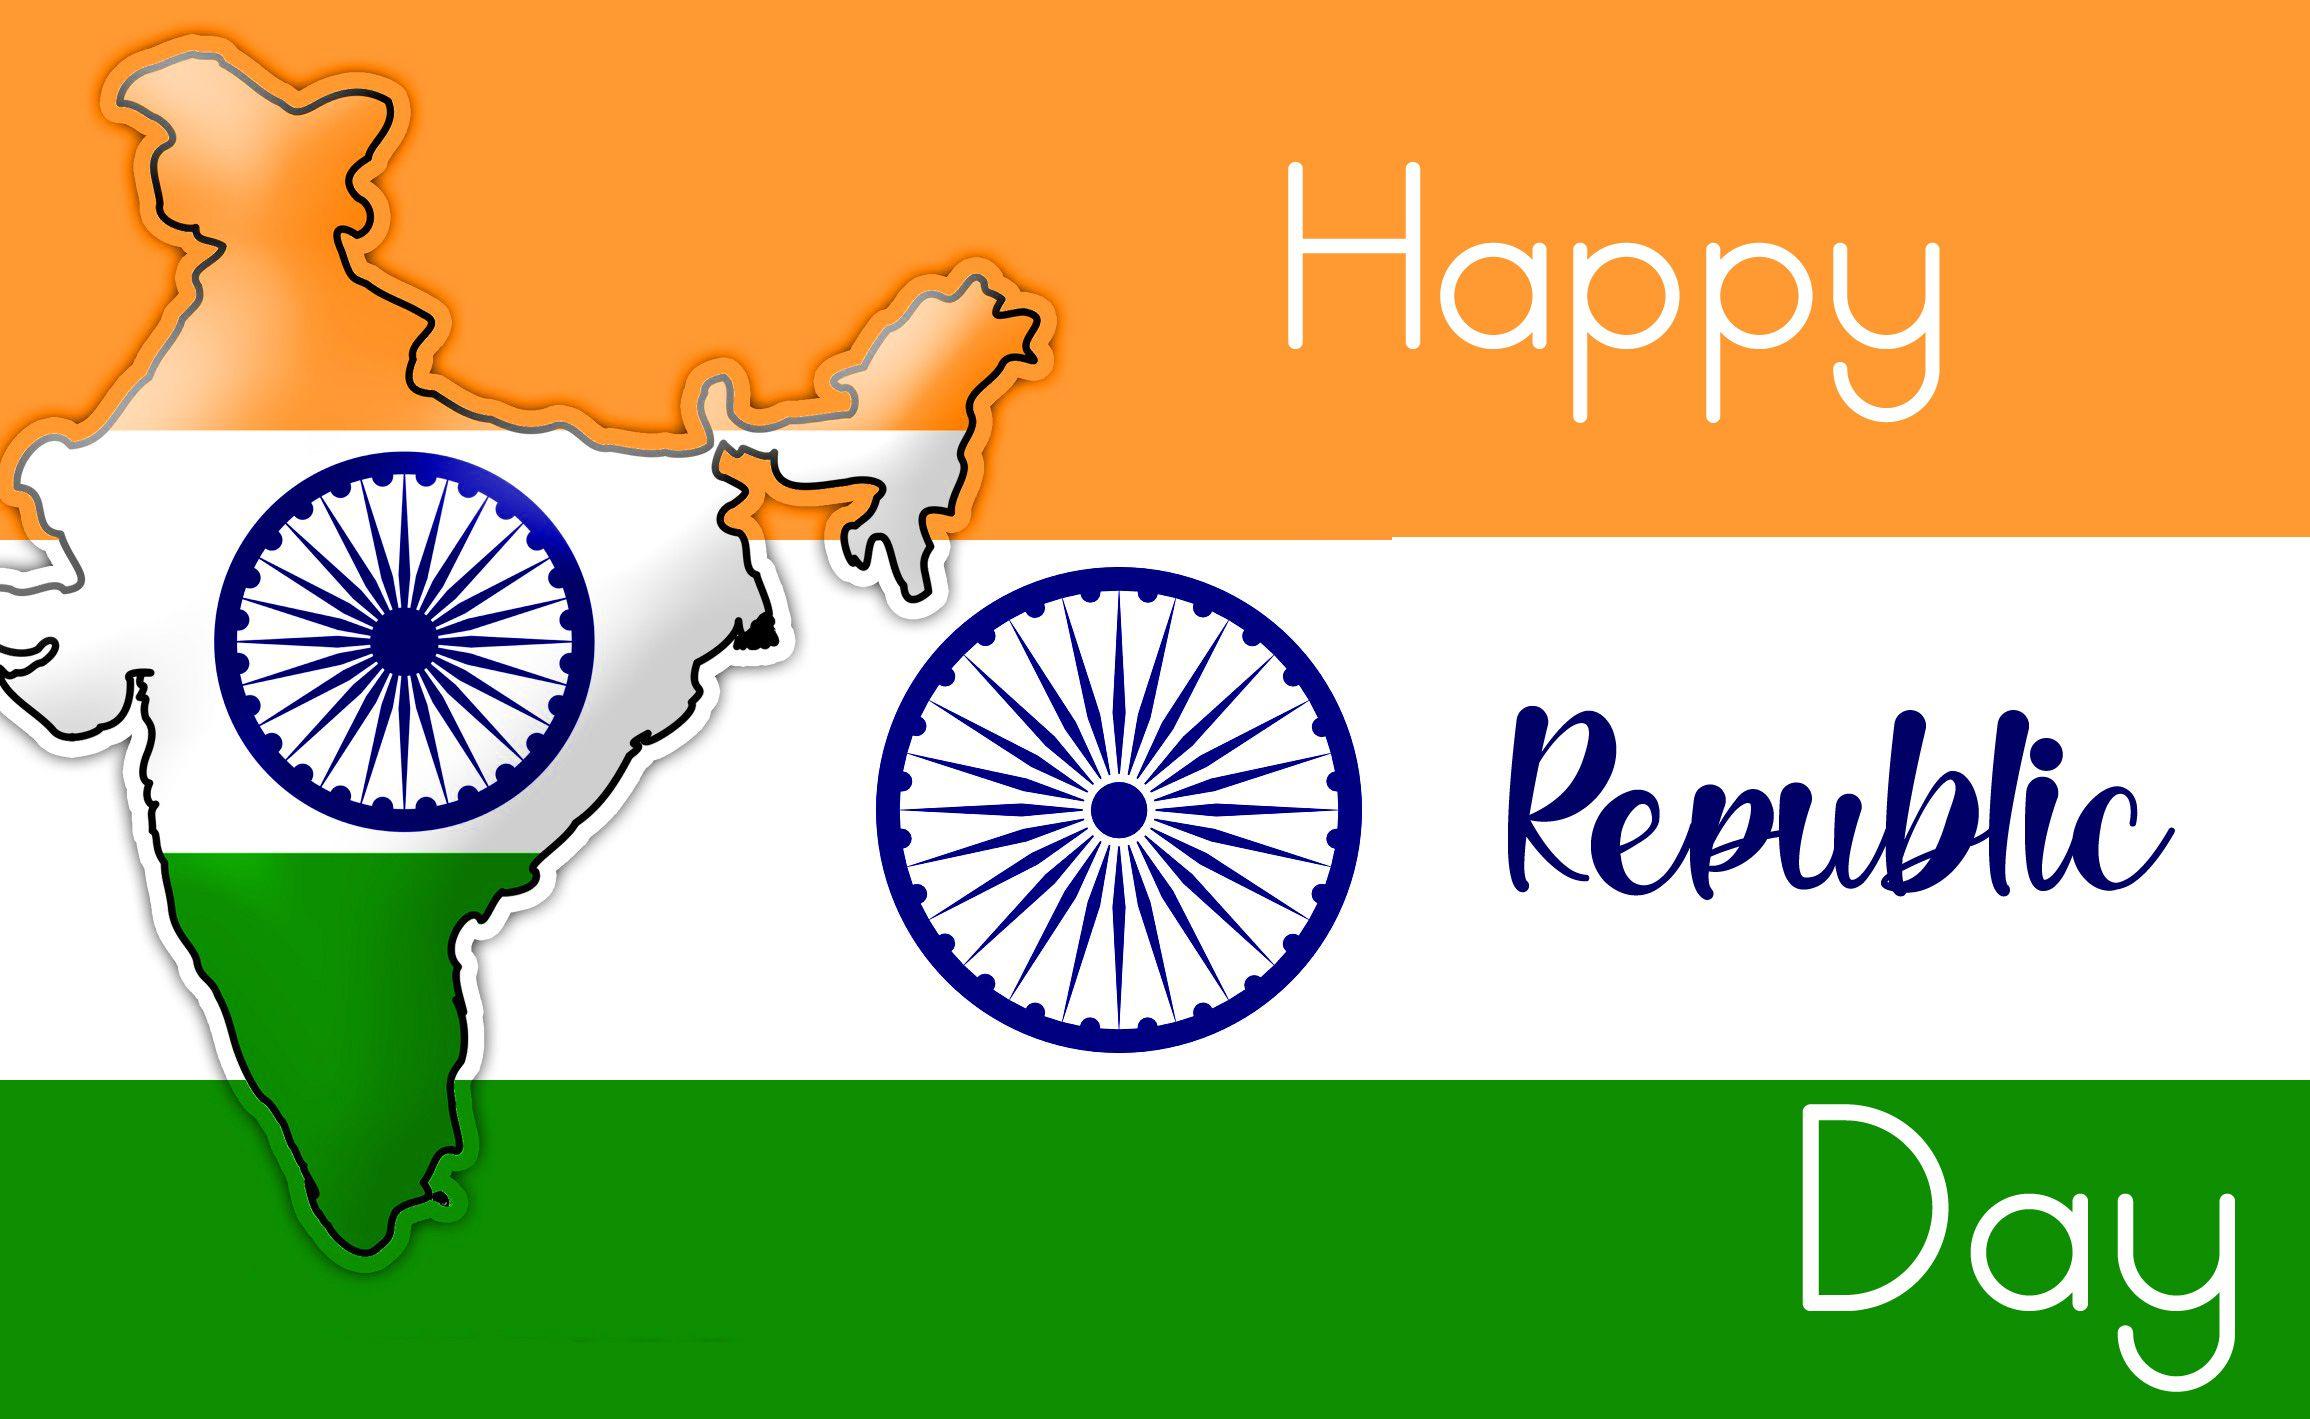 49 New Indian Happy Republic Day Wallpaper 3d 4k 2021 Download In 2021 Happy Republic Day Wallpaper Republic Day Republic